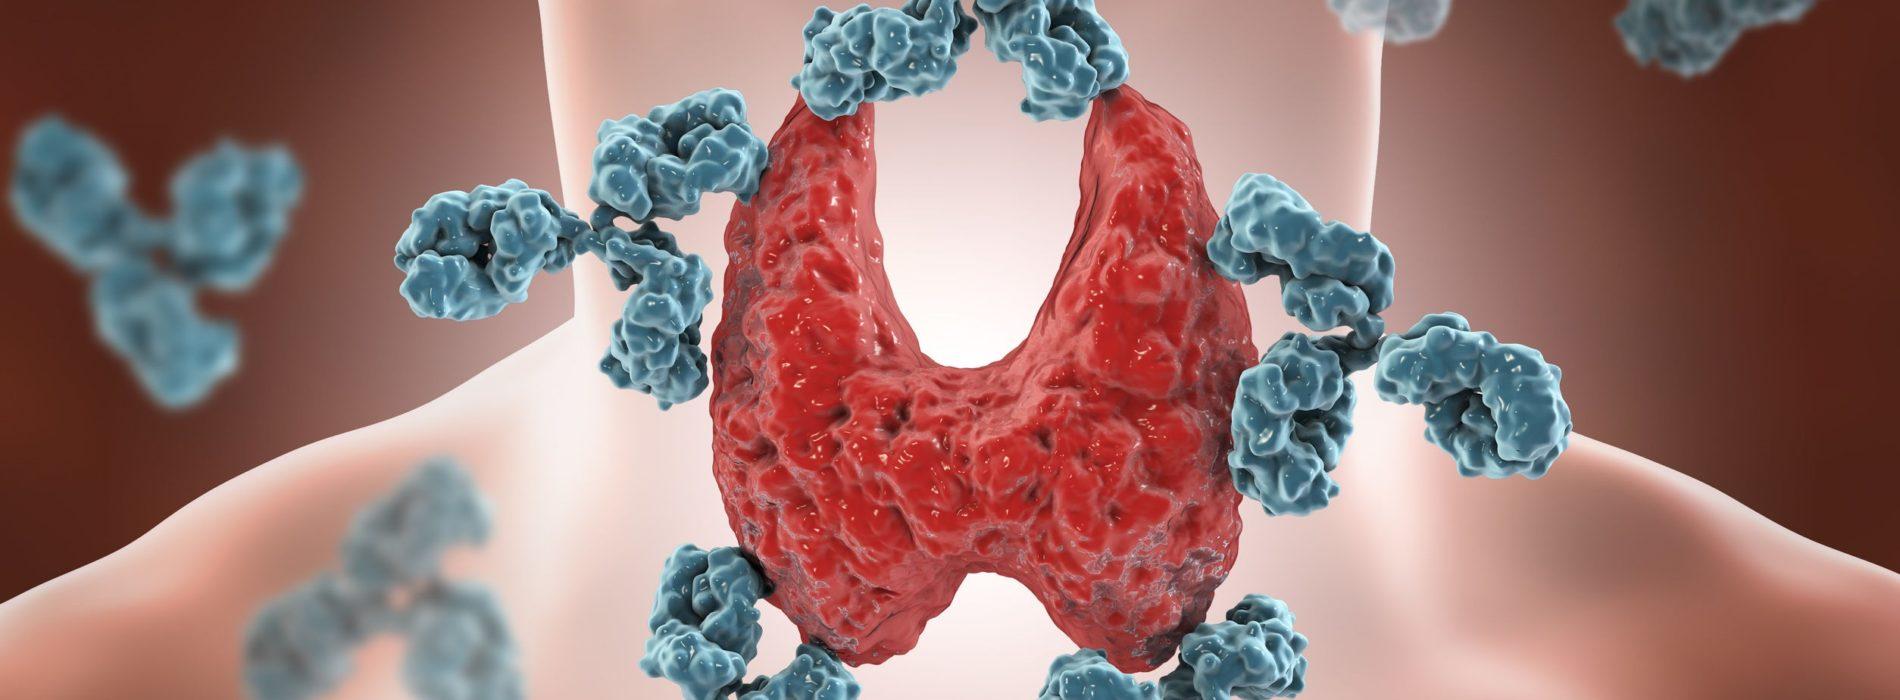 Glikogenozy – choroby spichrzeniowe glikogenu